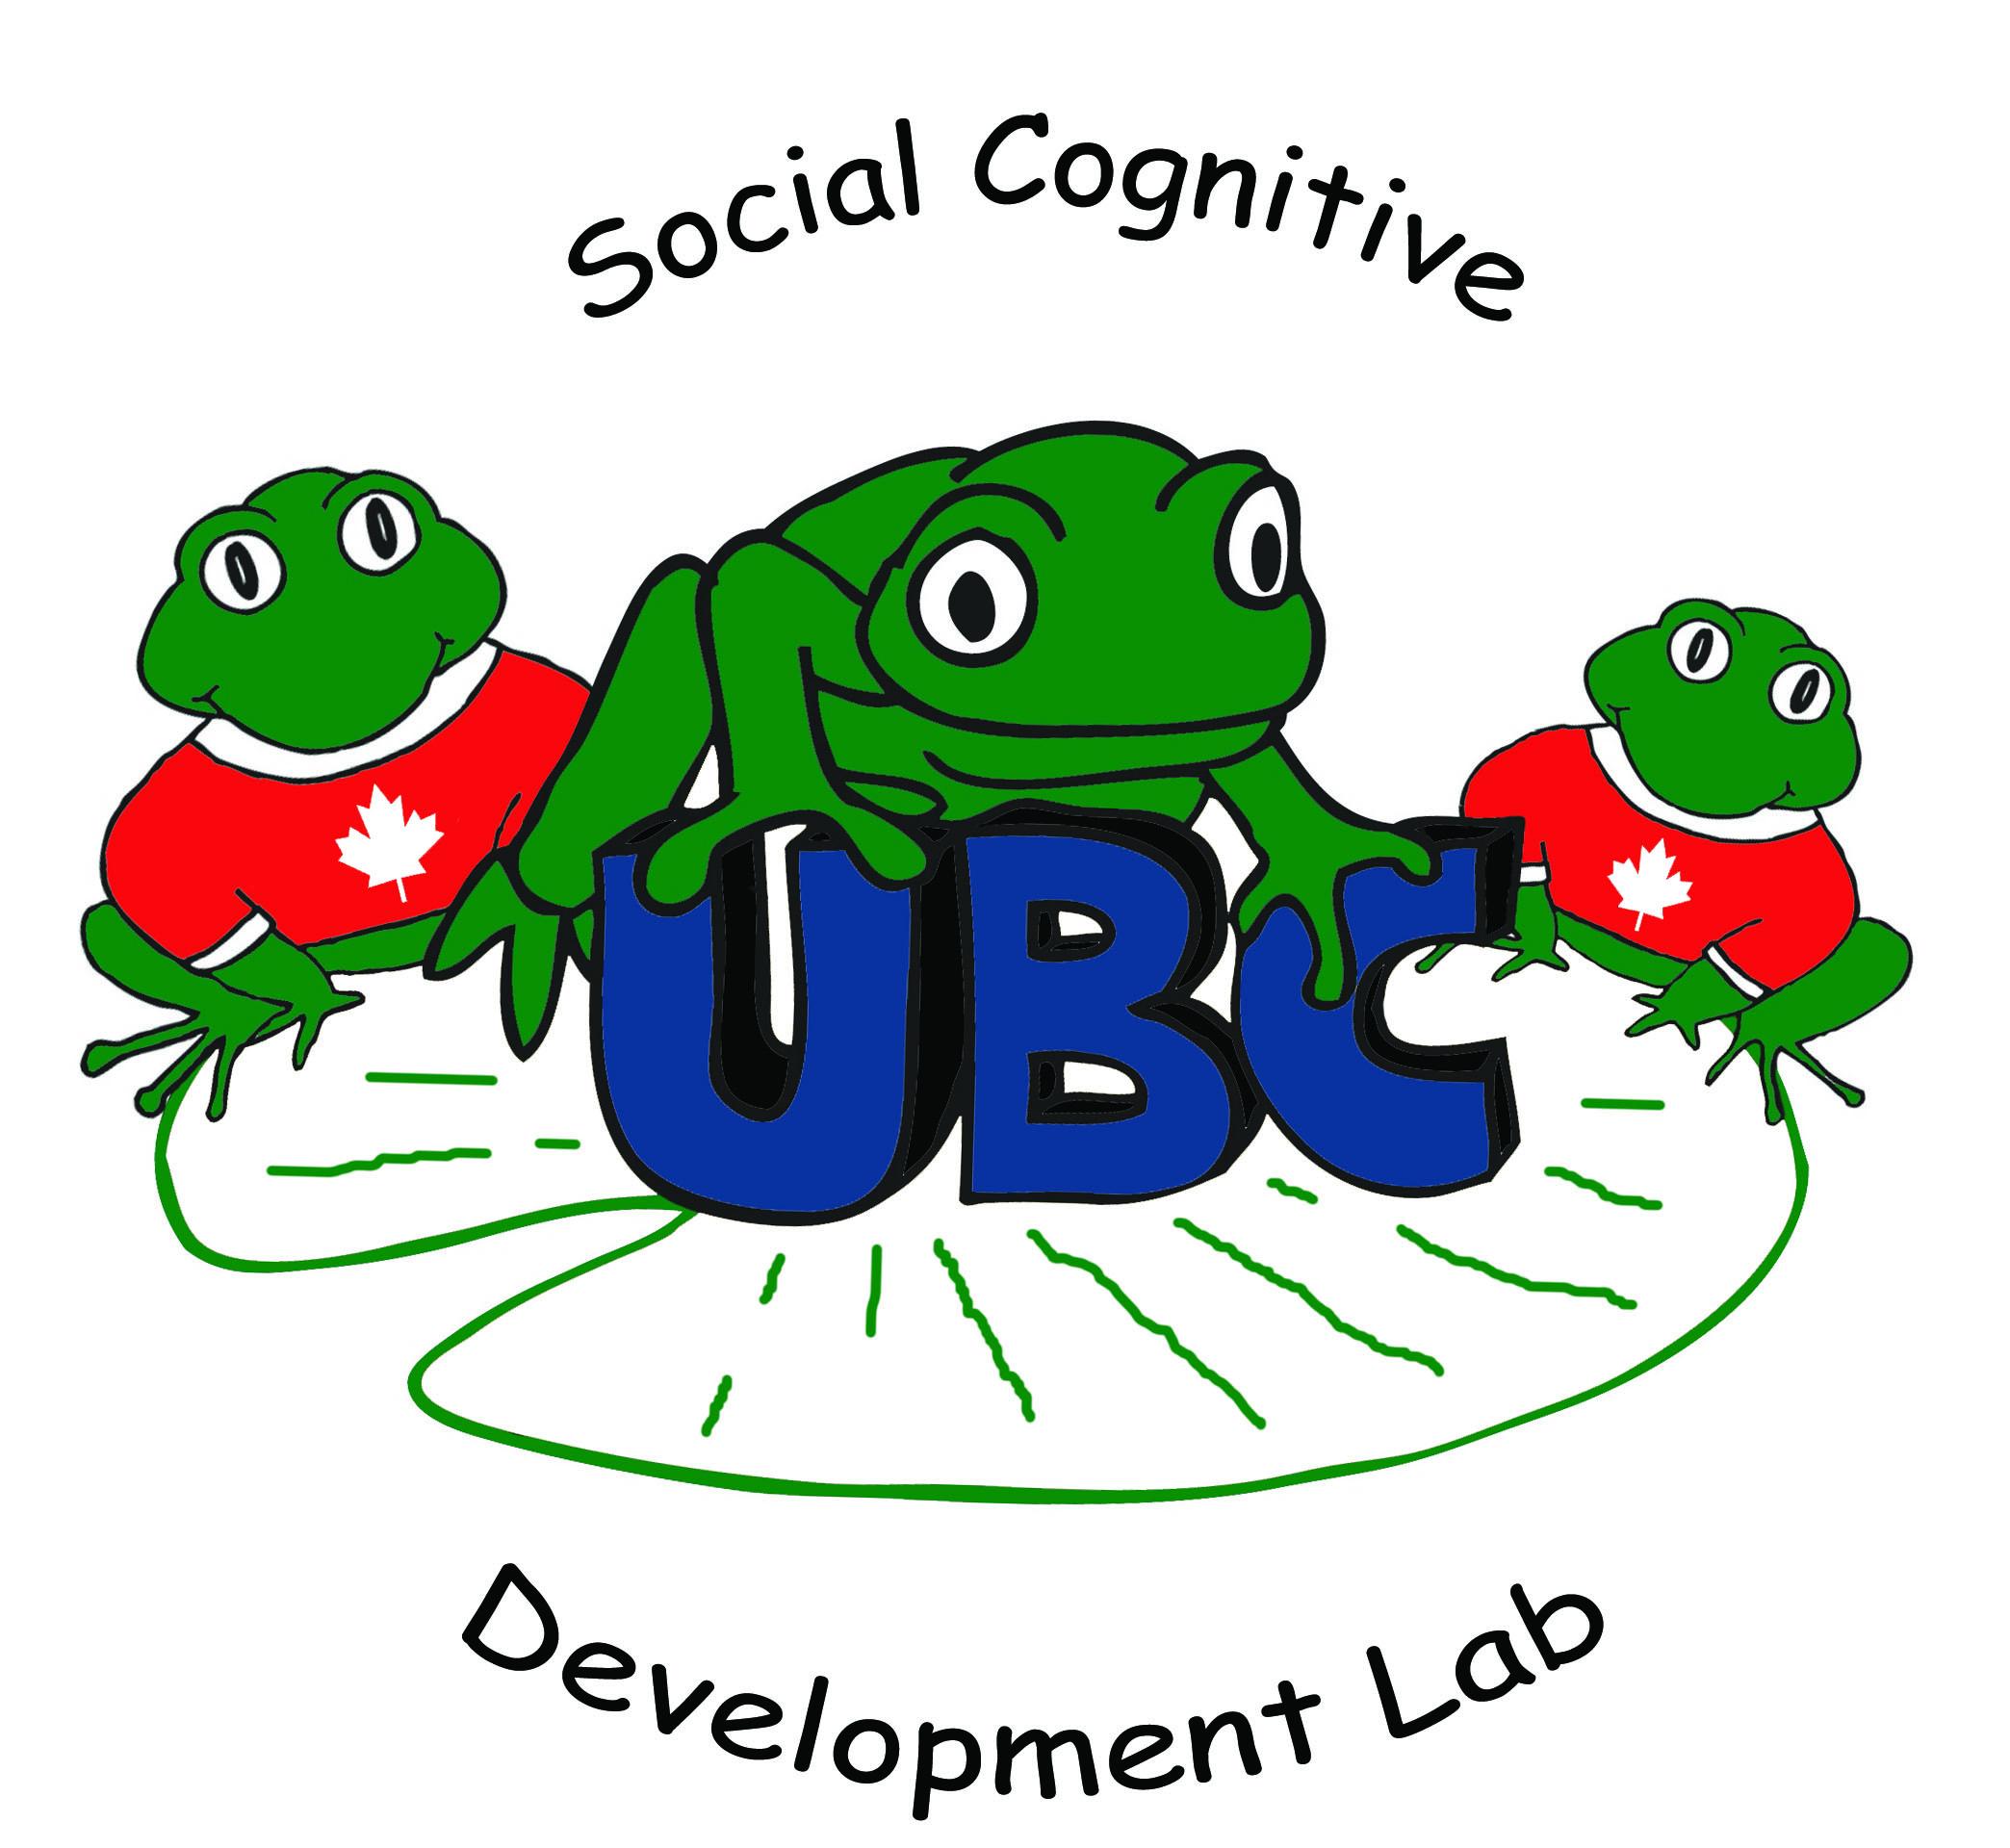 Social Cognitive Development Centre